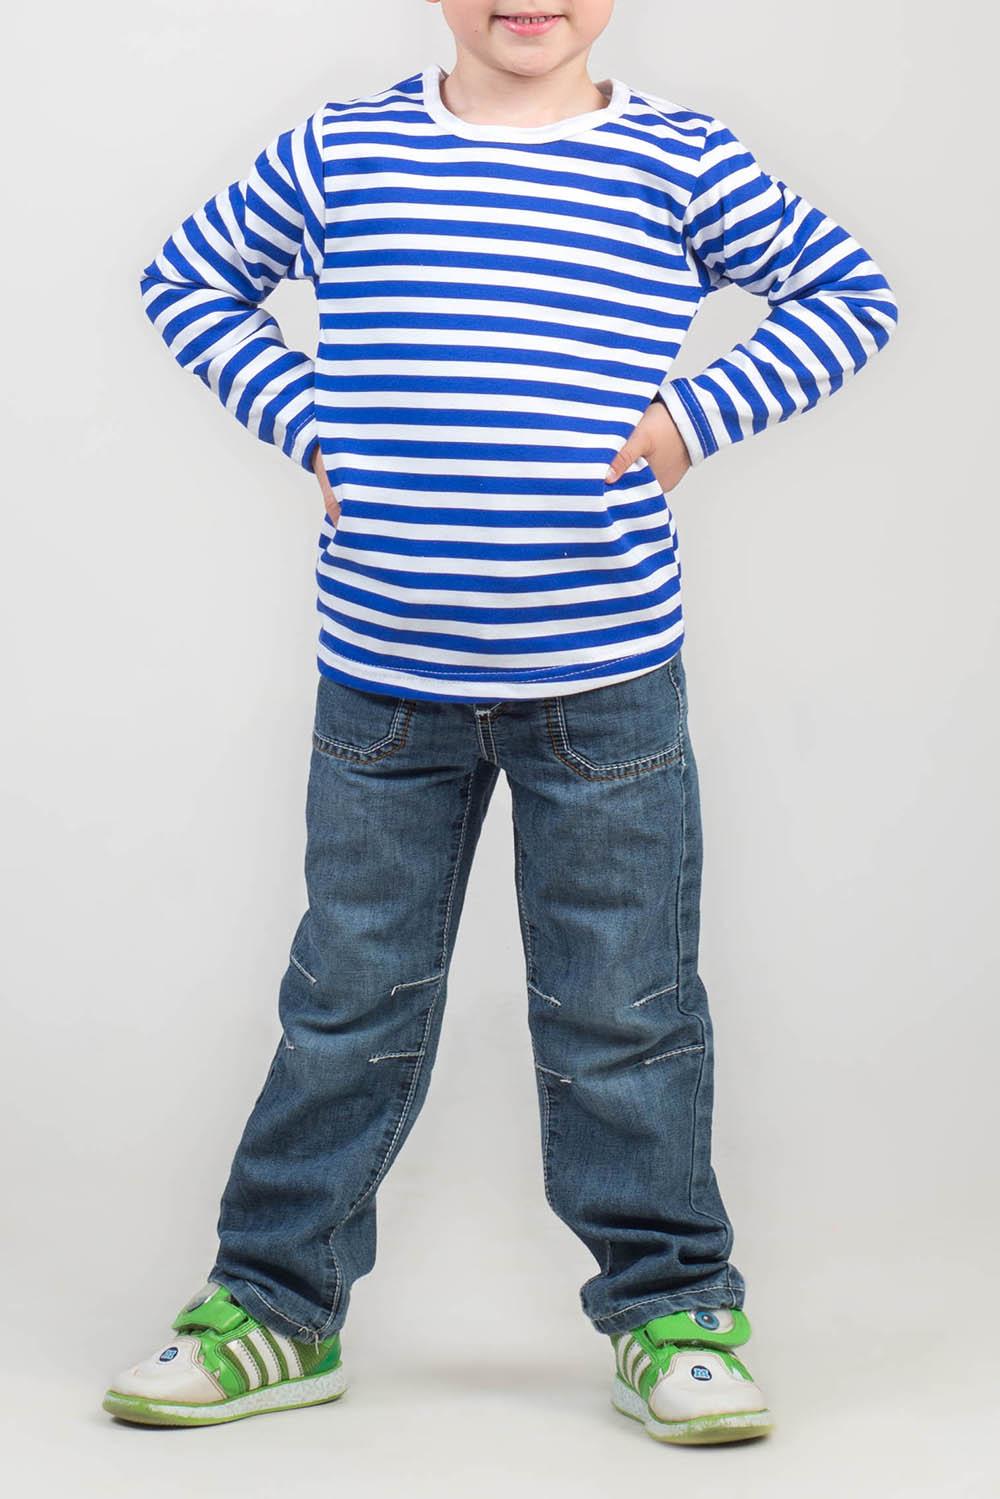 ТельняшкаДжемперы<br>Хлопковая тельняшка для мальчика  Цвет: синий, белый.  Размер 62 соответствует росту 56-61 см Размер 68 соответствует росту 62-67 см Размер 74 соответствует росту 68-73 см Размер 80 соответствует росту 74-80 см Размер 86 соответствует росту 81-86 см Размер 92 соответствует росту 87-92 см Размер 98 соответствует росту 93-98 см Размер 104 соответствует росту 98-104 см Размер 110 соответствует росту 105-110 см Размер 116 соответствует росту 111-116 см Размер 122 соответствует росту 117-122 см Размер 128 соответствует росту 123-128 см Размер 134 соответствует росту 129-134 см Размер 140 соответствует росту 135-140 см Размер 146 соответствует росту 141-146 см<br><br>По возрасту: Дошкольные ( от 3 до 7 лет),Школьные ( от 7 до 13 лет),Ясельные ( от 1 до 3 лет)<br>По материалу: Трикотажные,Хлопковые<br>По образу: Повседневные<br>По рисунку: С принтом (печатью),Цветные<br>По сезону: Весна,Зима,Осень,Всесезон<br>Размер : 122,86,98<br>Материал: Трикотаж<br>Количество в наличии: 14